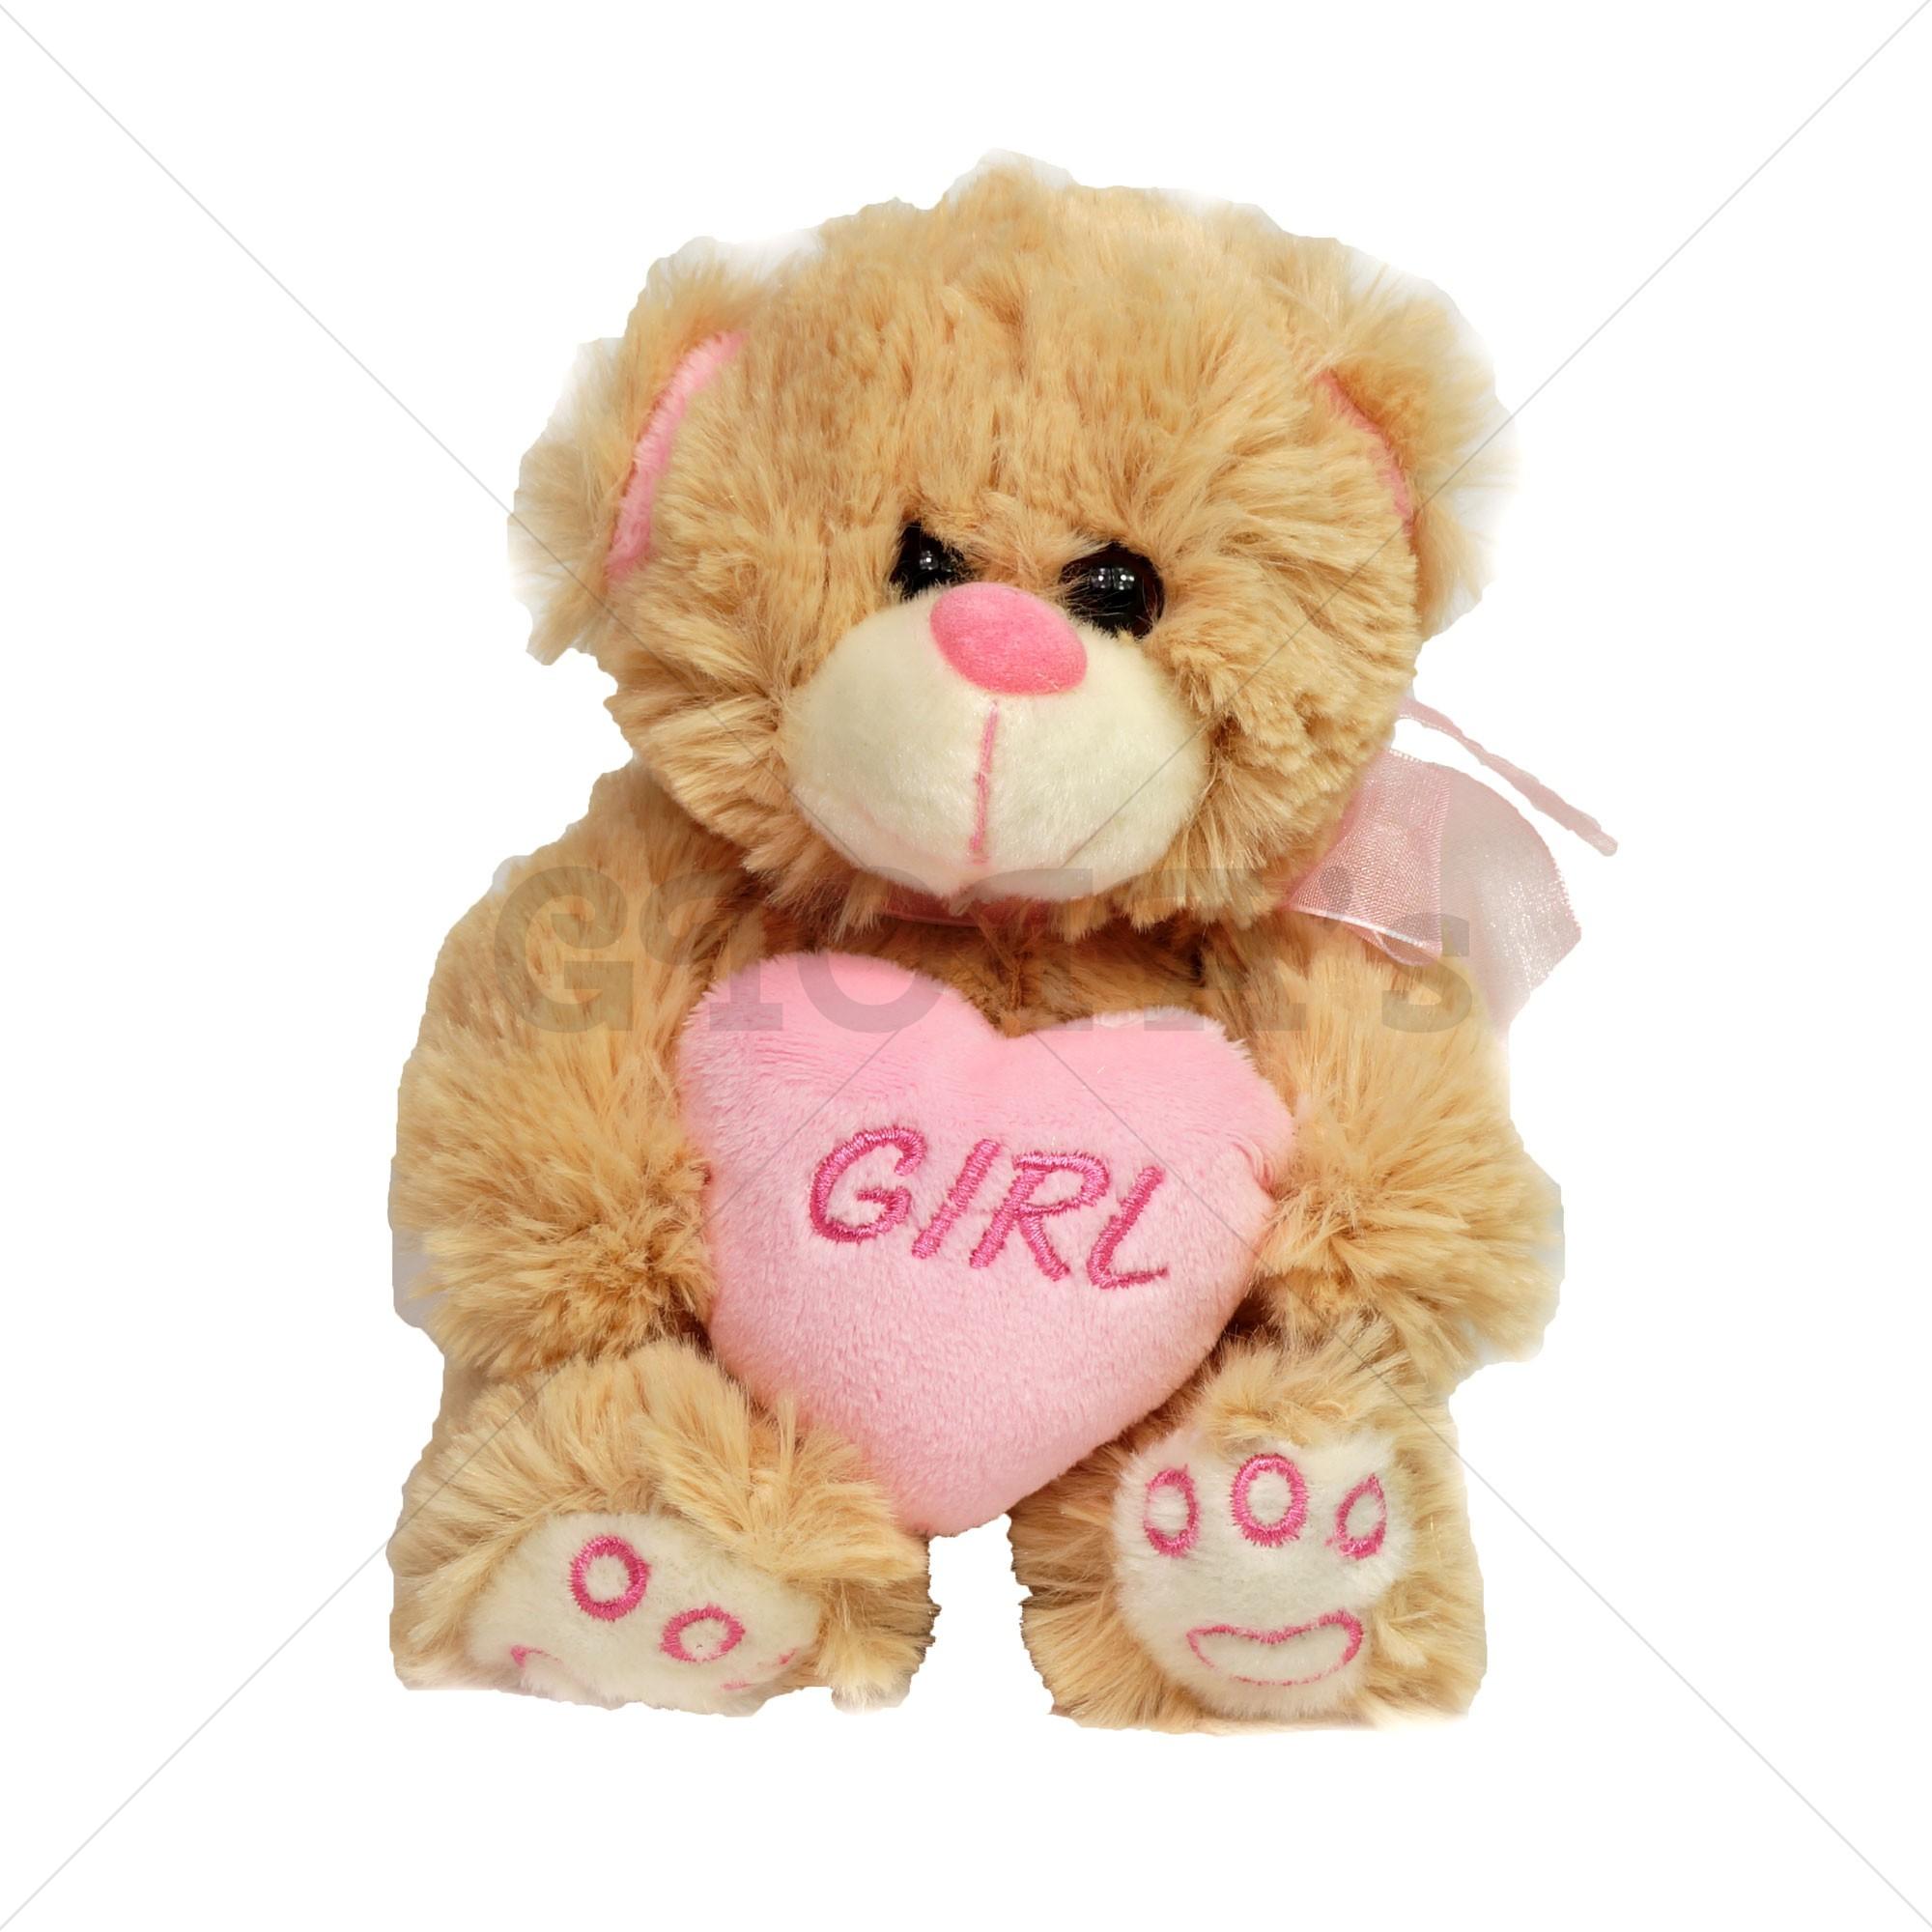 7bd4c59c3f0f79 Knuffelbeer girl 18cm - GIOIA's cadeau en feestartikelen